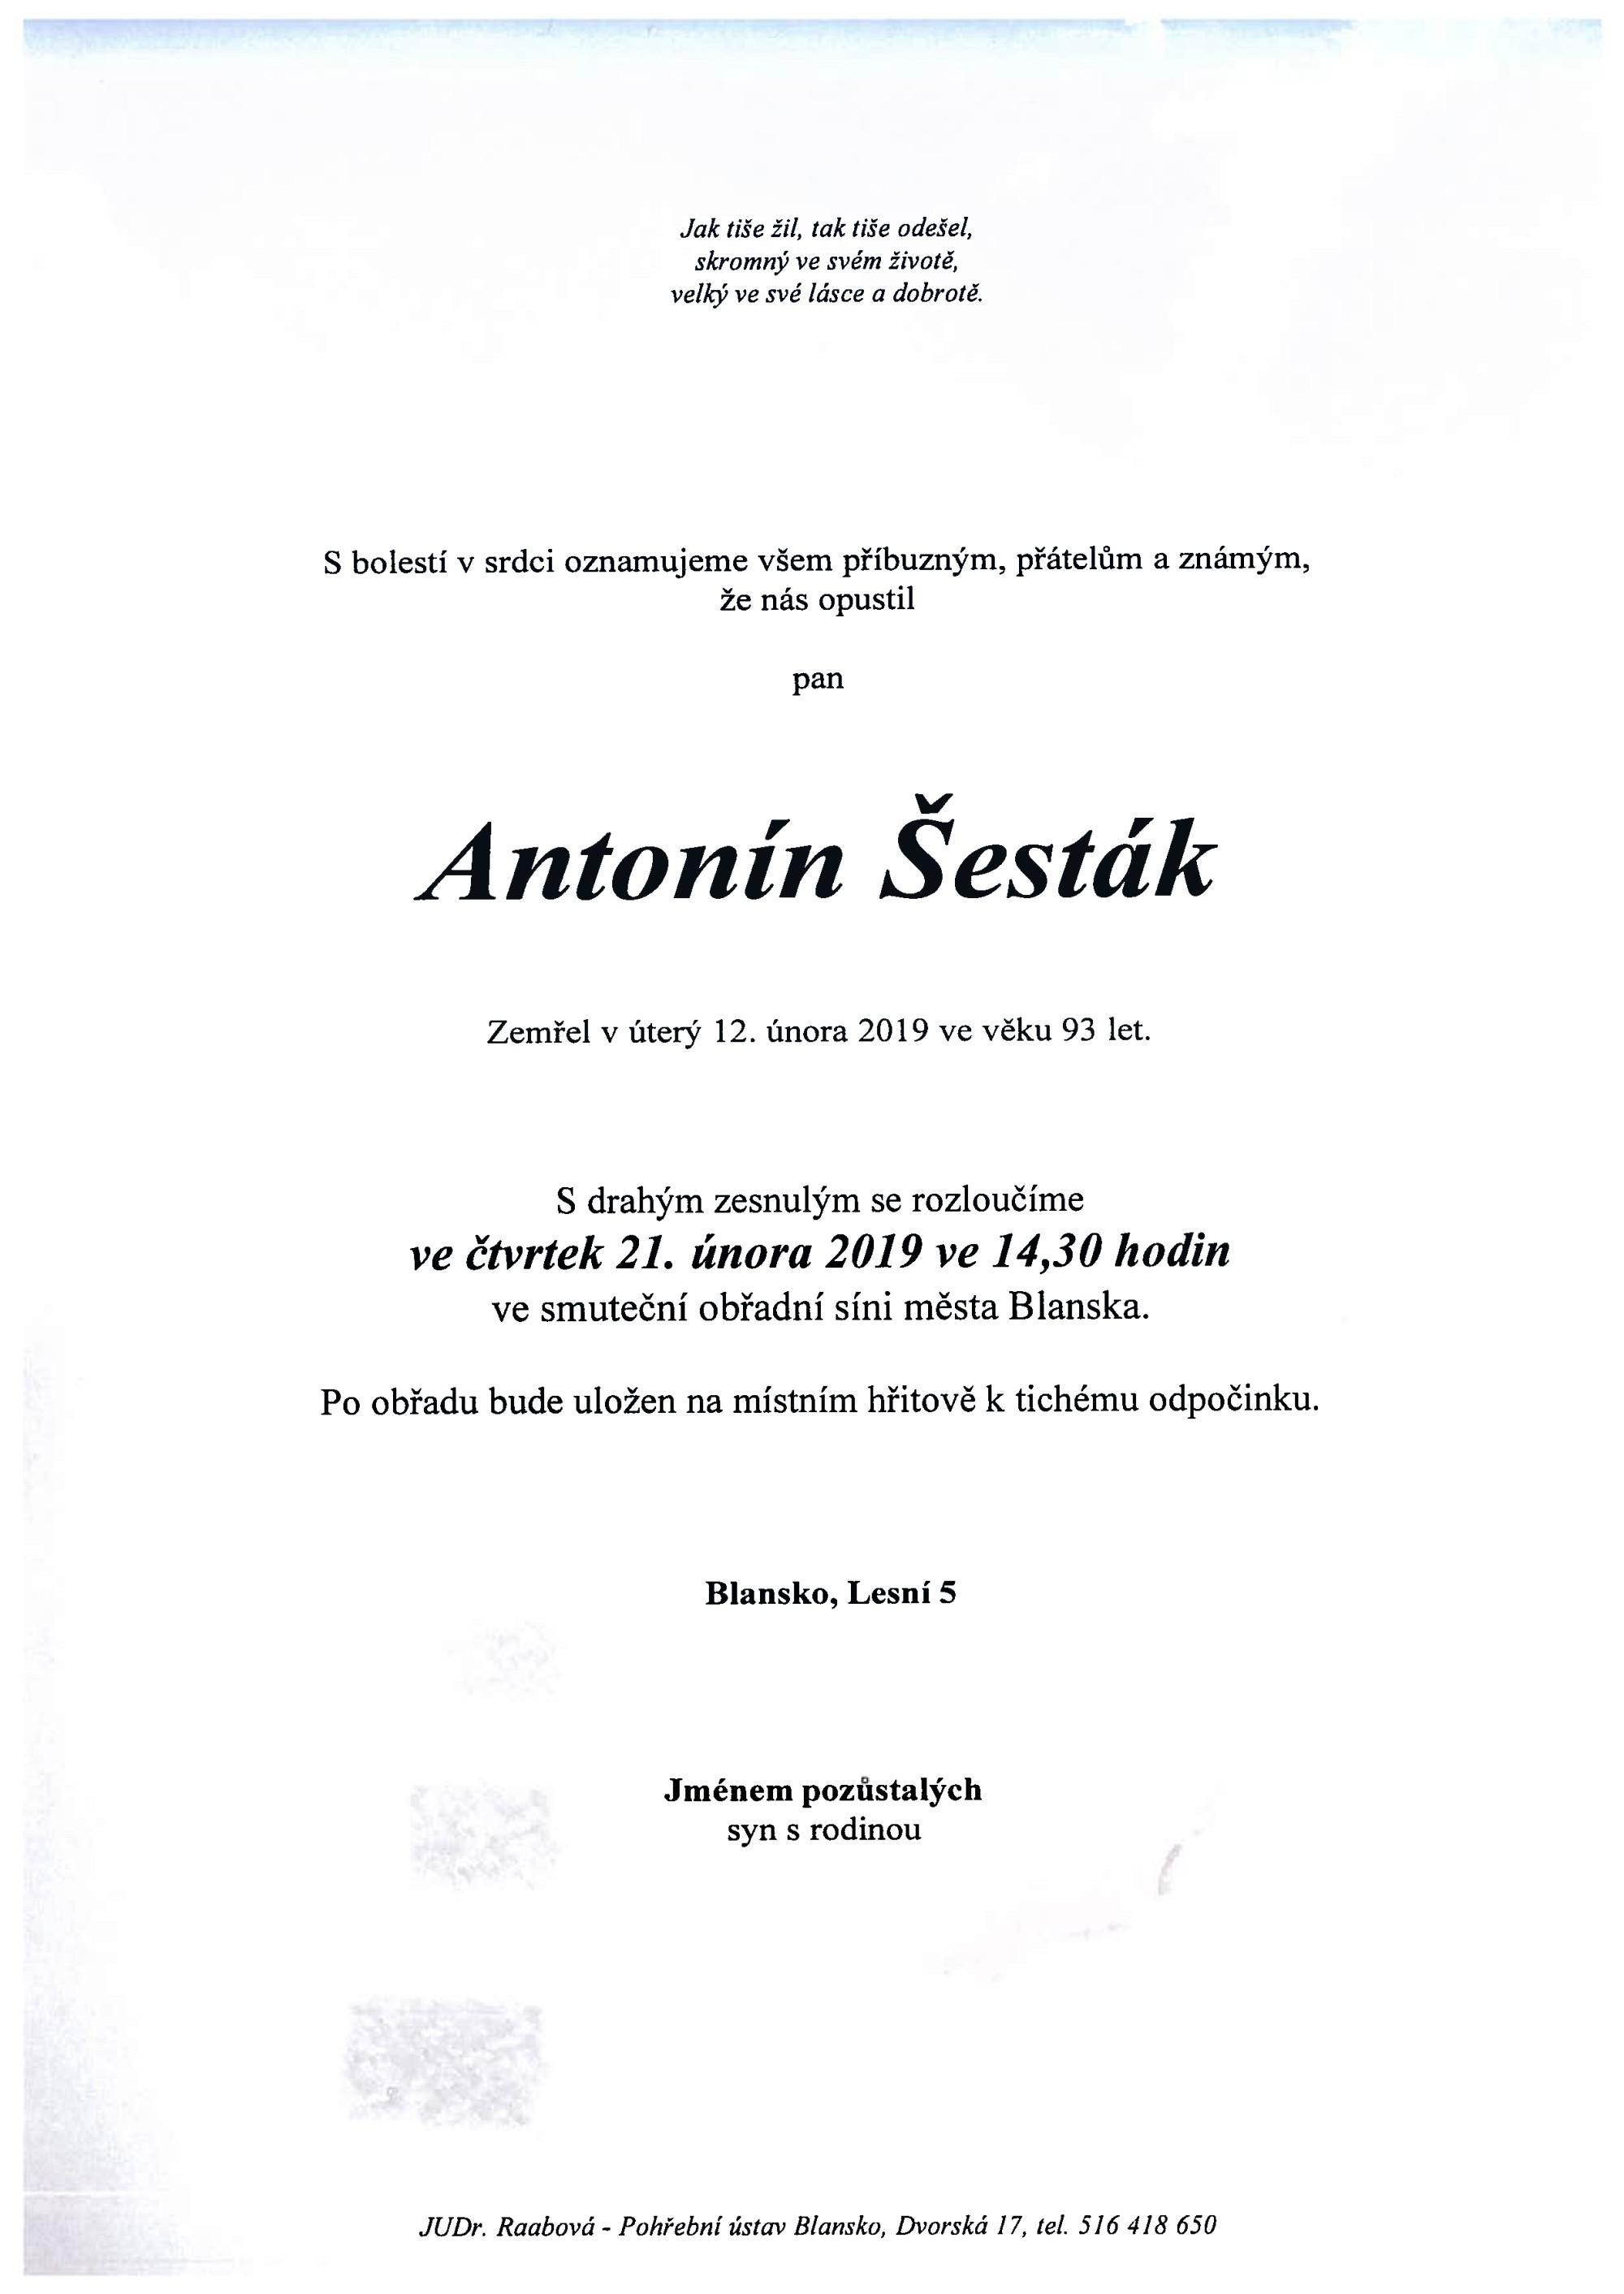 Antonín Šesták